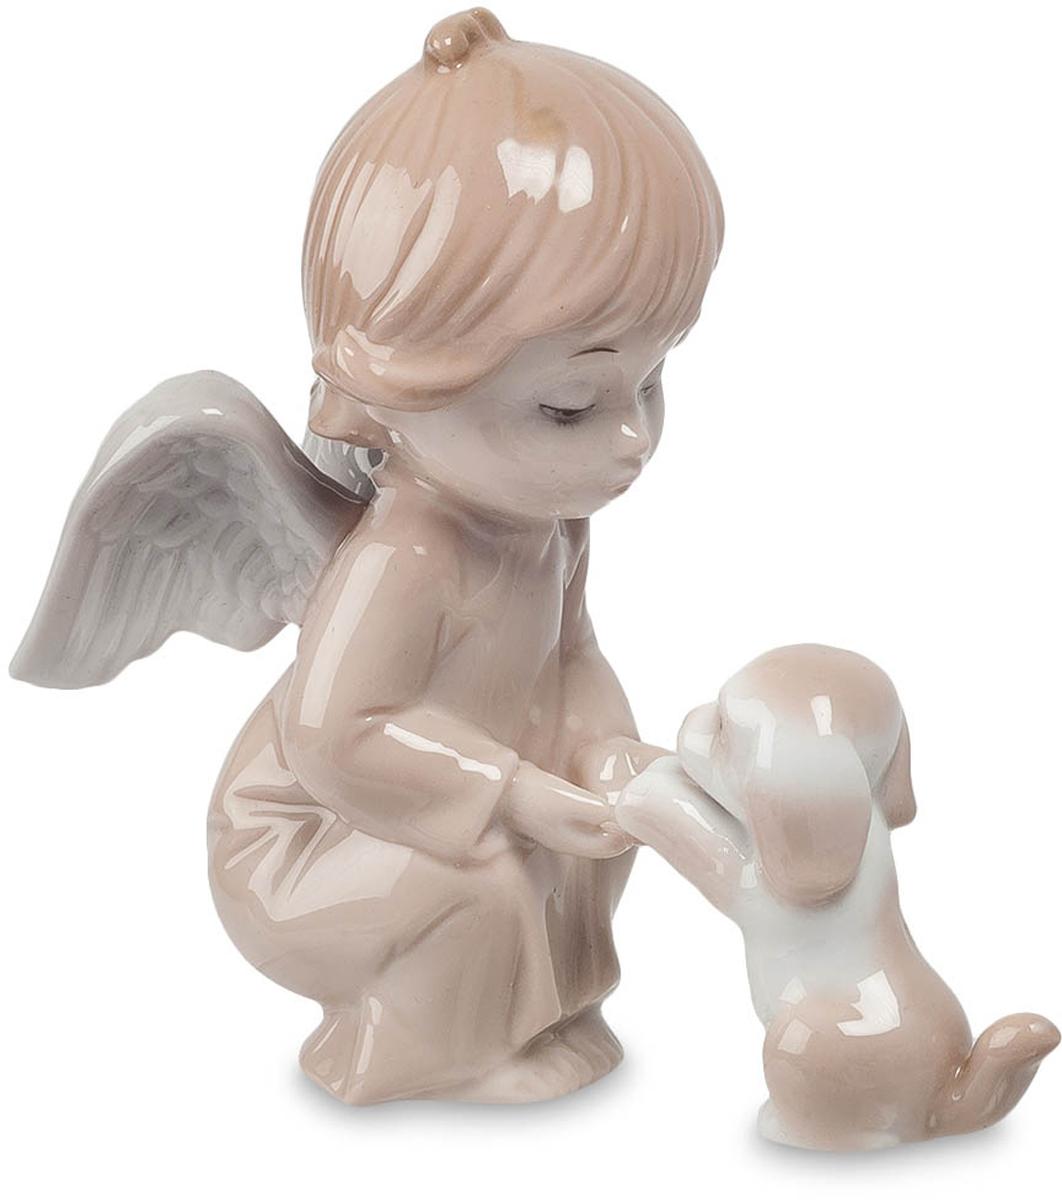 Фигурка декоративная Pavone Ангел, высота 10,5 смJP-05/10Декоративная фигурка Pavone Ангел в виде ангелочка изготовлена из глазурованногофарфора.Нова - покровительница животных. Она оберегает их и всячески им помогает. Самые святыесущества - это маленькие ангелочки. Они чистые и телом и своей маленькой искренней душой.Эта статуэтка станет украшением любой коллекции и, несомненно, понравится, какдетишкам, так и взрослым. Все настолько продумано в этой фигурке, что она поражает всемисвоими особенностями. Вы можете поставить украшение в любом месте, где онобудет удачно смотреться и радовать глаз. Кроме того, эта фигурка станет прекрасным подаркомдля близкого человека.